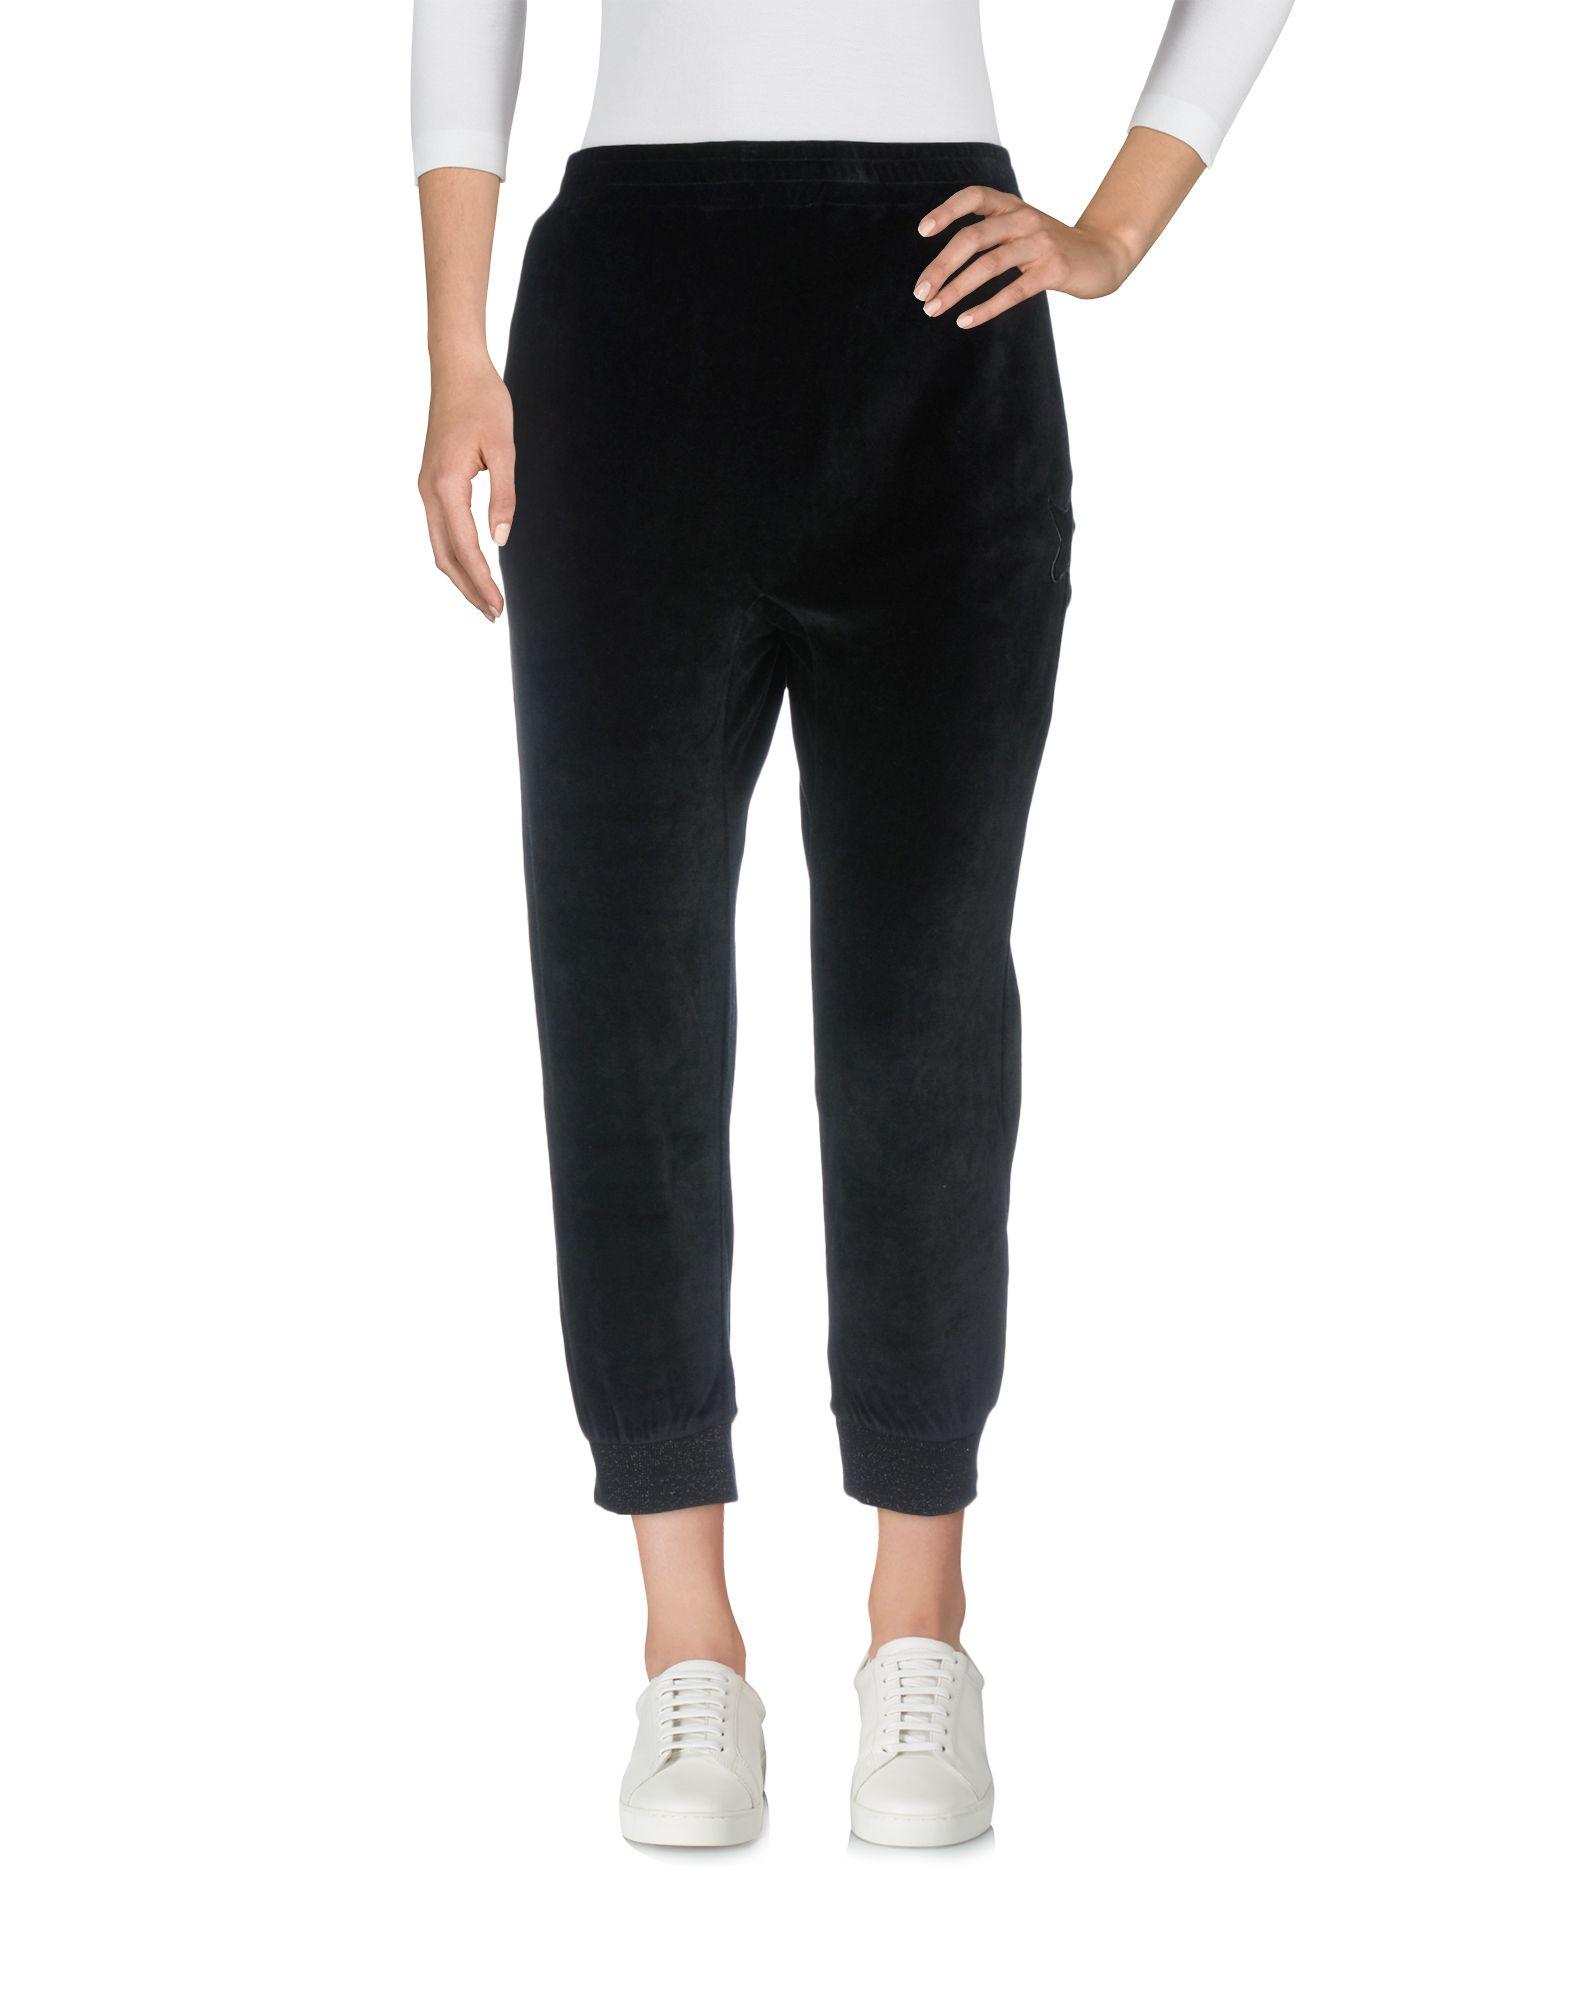 8PM Damen Hose Farbe Schwarz Größe 4